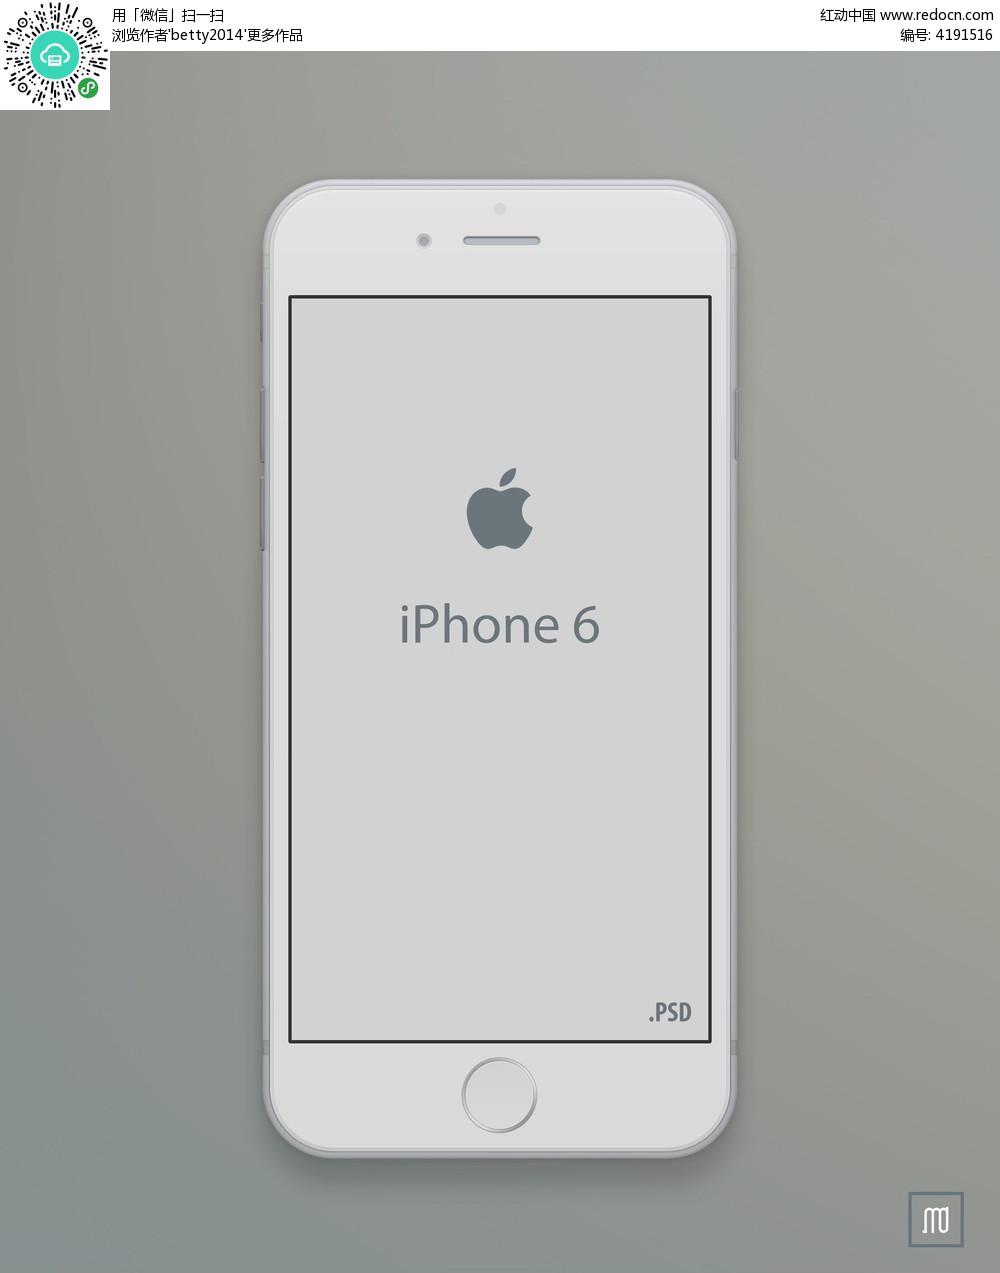 白色苹果手机图片PSD素材免费下载 编号4191516 红动网